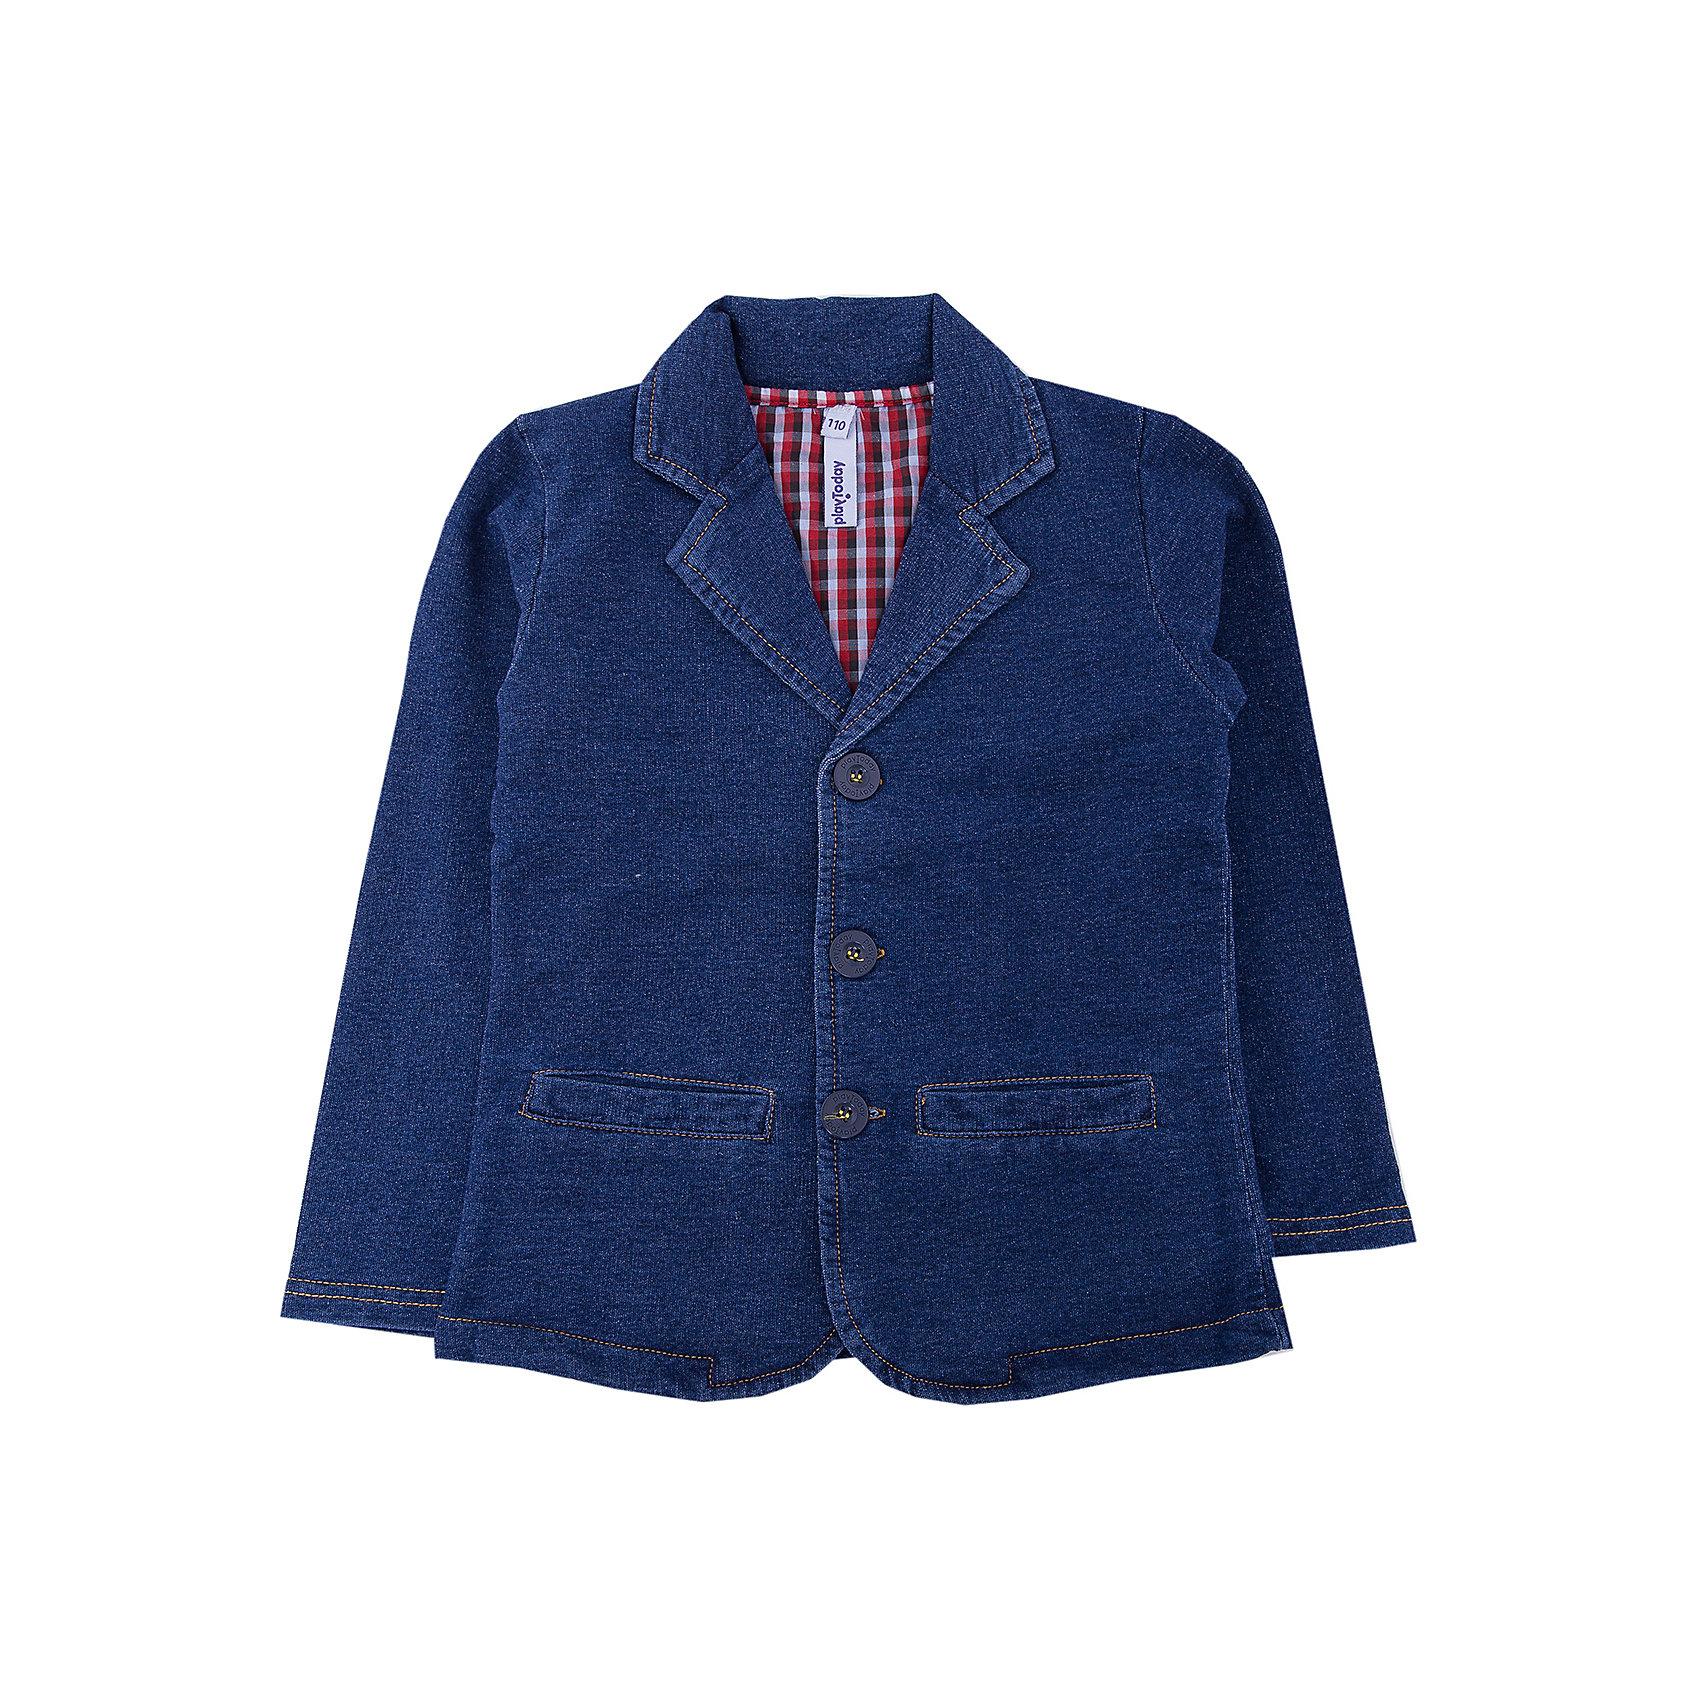 Пиджак для мальчика PlayTodayОдежда<br>Пиджак для мальчика PlayToday<br>Оригинальный однобортный пиджак из натуральной ткани, в модном стиле хипстер. Модель с яркой клетчатой подкладкой. Можно сочетать с рубашкой или футболкой.Преимущества: Однобортный пиджак из натуральной тканиМодель на яркой подкладкеМожно сочетать с рубашкой или футболкой<br>Состав:<br>70% хлопок, 30% полиэстер<br><br>Ширина мм: 157<br>Глубина мм: 13<br>Высота мм: 119<br>Вес г: 200<br>Цвет: синий<br>Возраст от месяцев: 84<br>Возраст до месяцев: 96<br>Пол: Мужской<br>Возраст: Детский<br>Размер: 128,98,104,110,116,122<br>SKU: 5403424